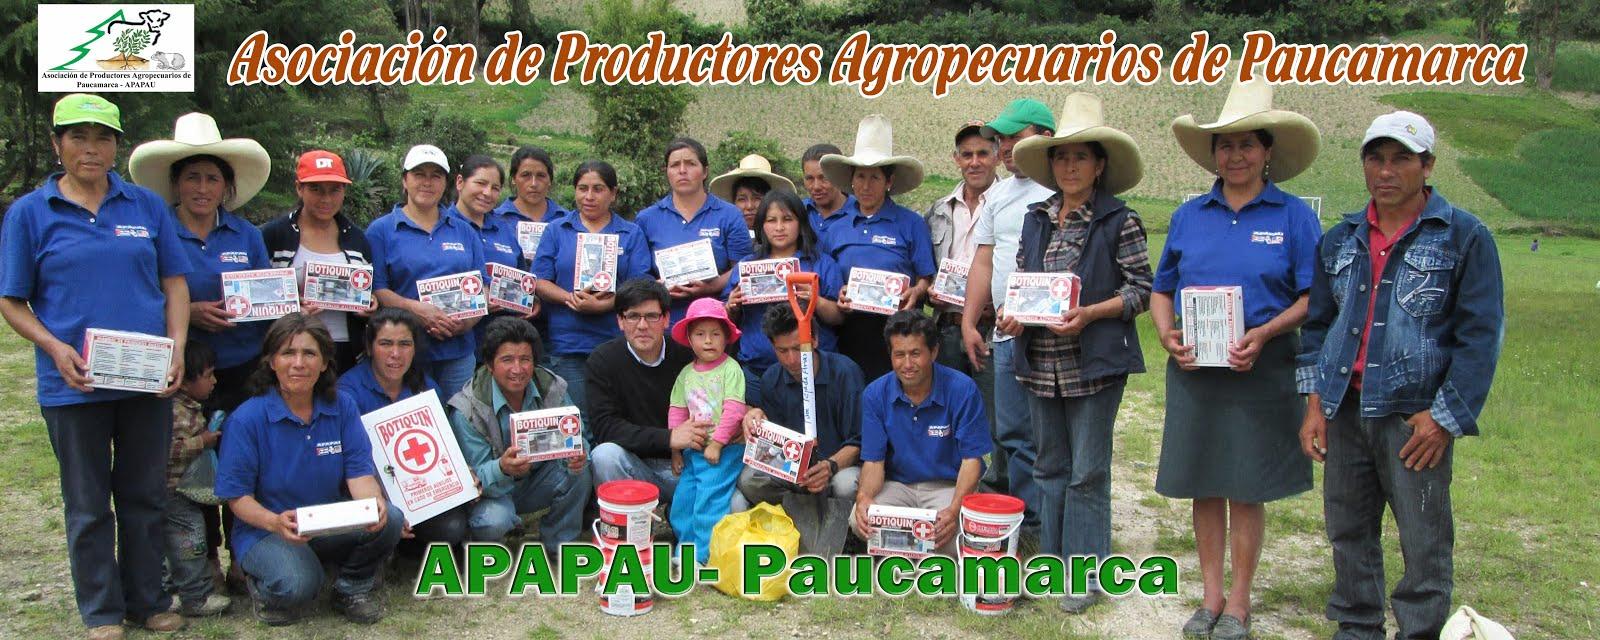 Asociación de Productores Agropecuarios de Paucamarca